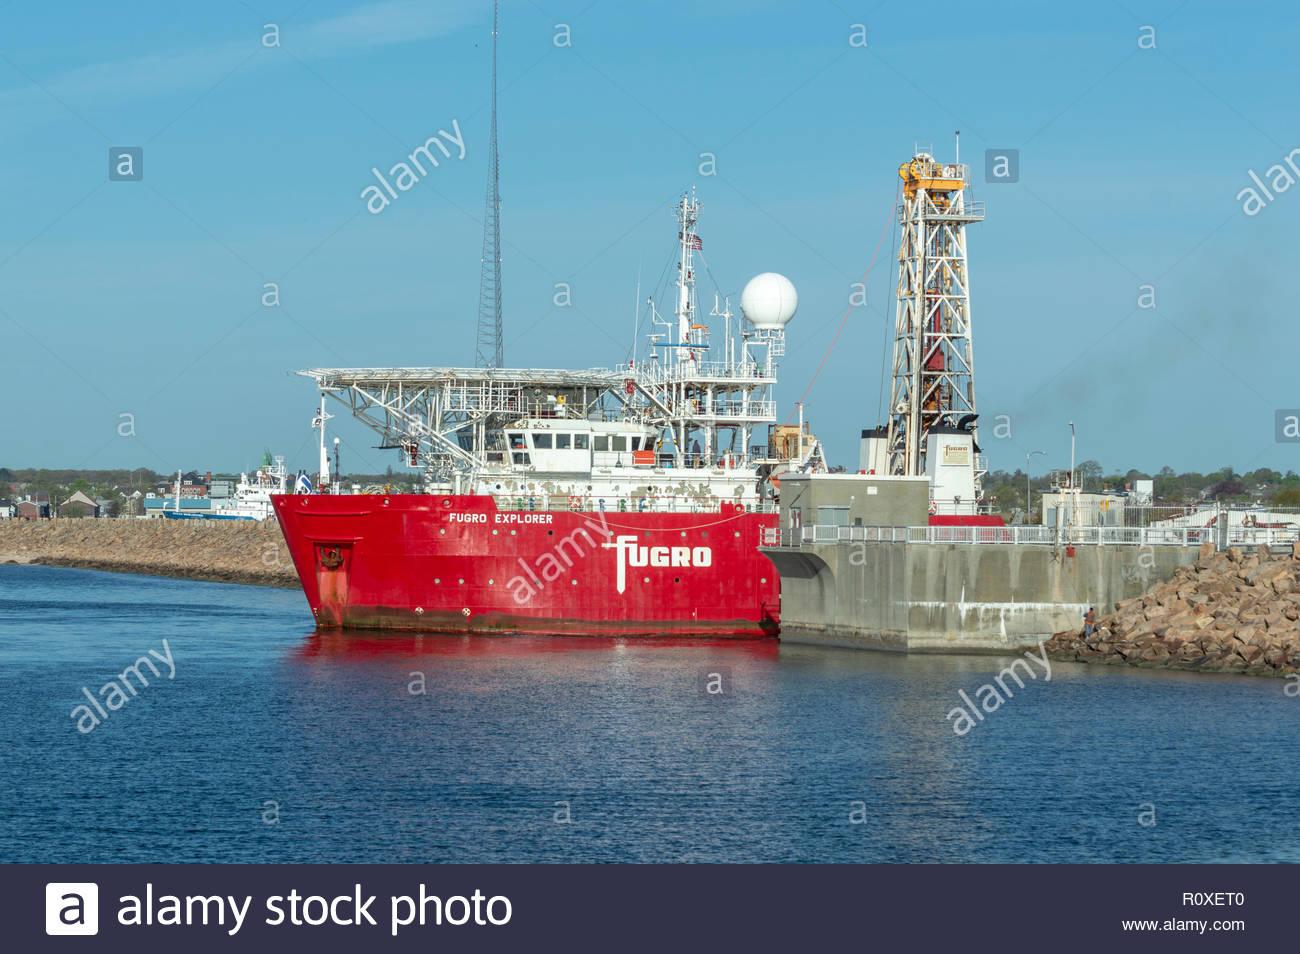 New Bedford, Massachusetts, USA - May 11, 2018: Drilling vessel Fugro Explorer easing through hurricane barrier in New Bedford harbor - Stock Image